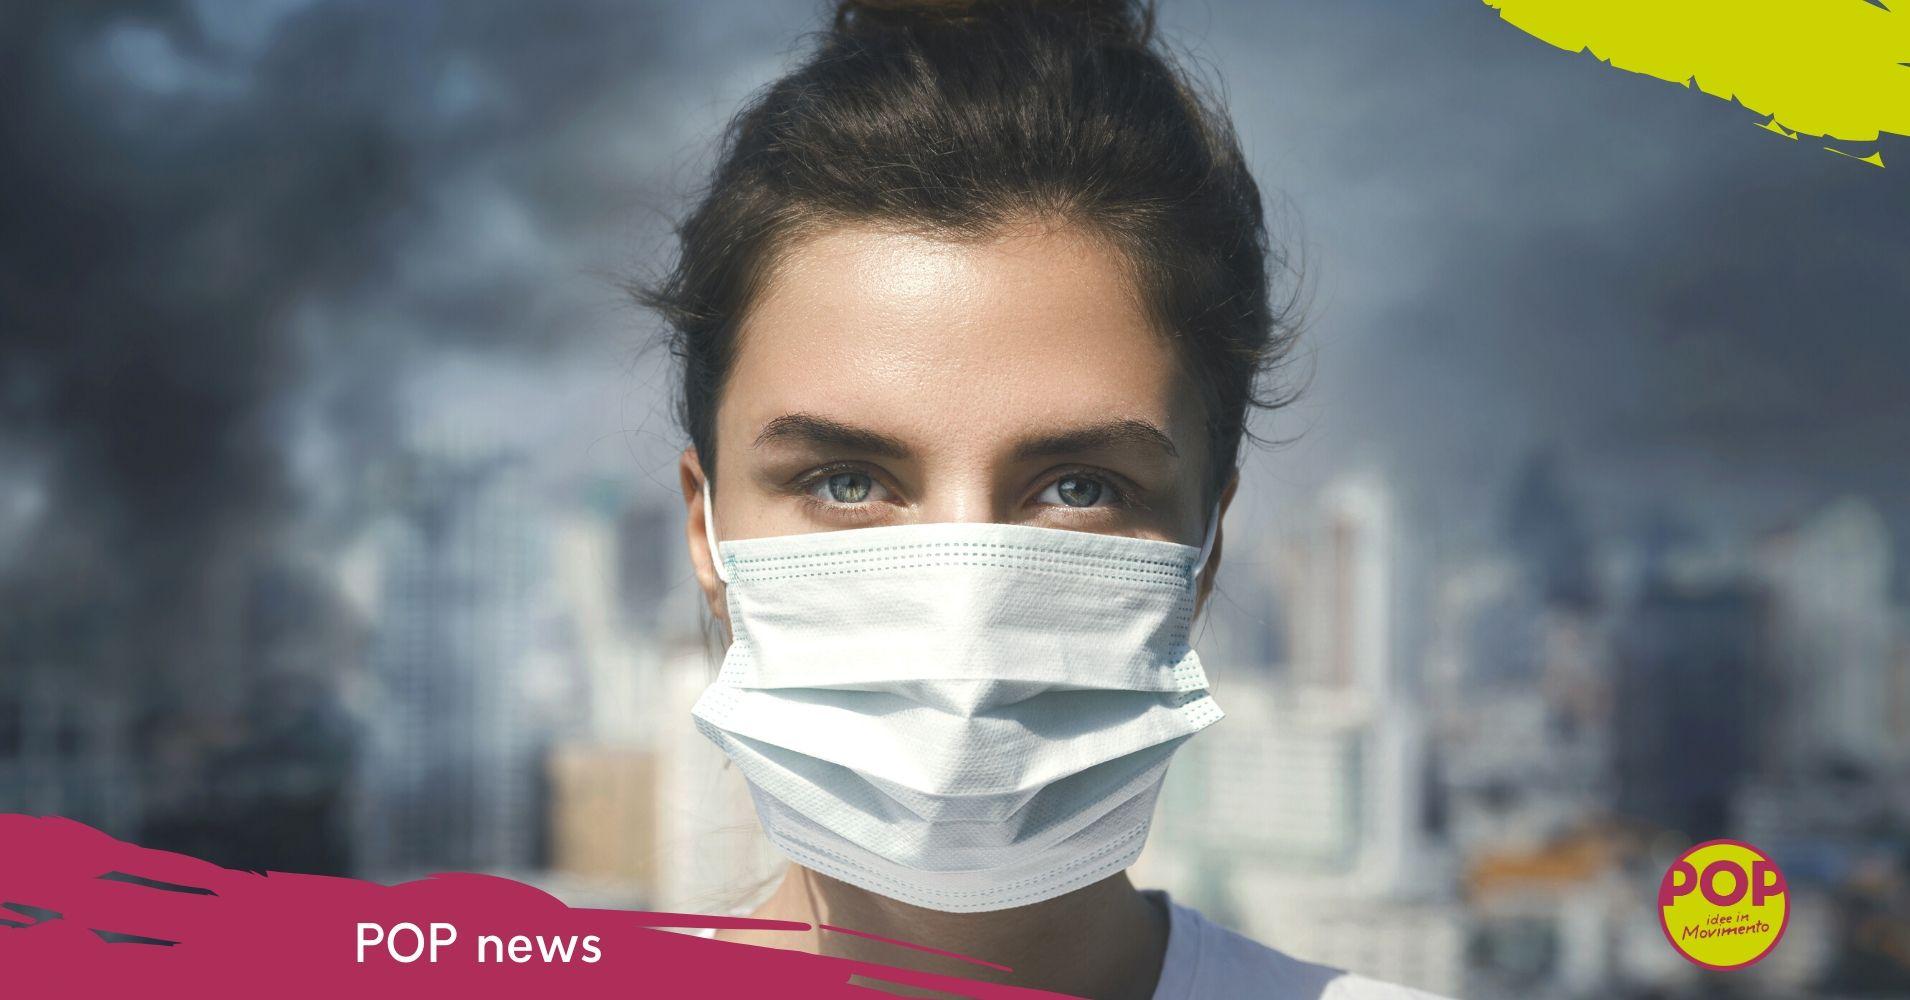 inquinamento italia lazio 2020 pm10 malaria